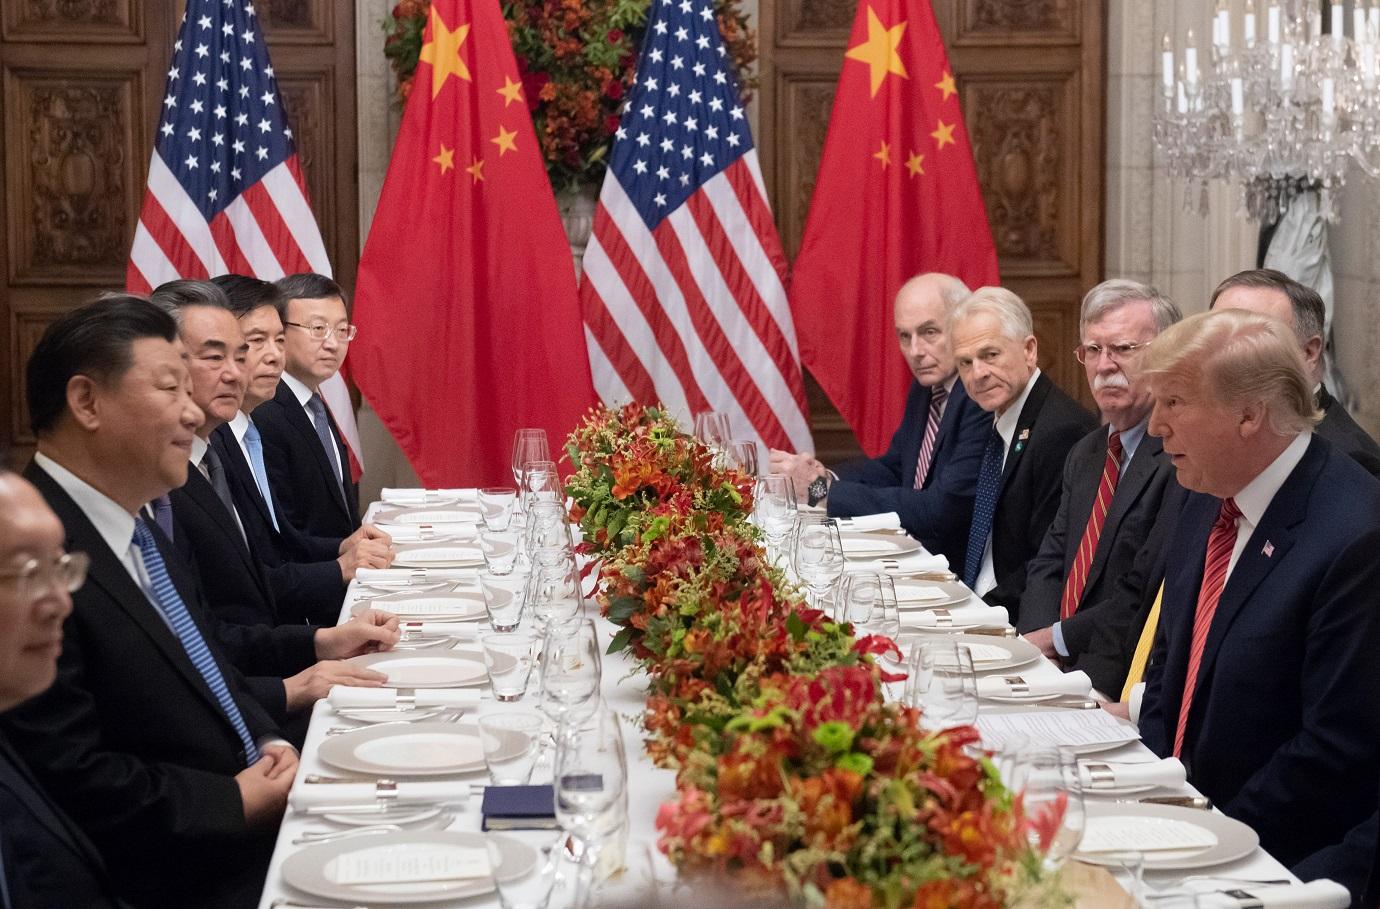 Os presidentes Donald Trump e Xi Jinping, com suas respectivas equipes, reunidos em um jantar fechado durante o encontro do G20. Foto Saul Loeb/AFP